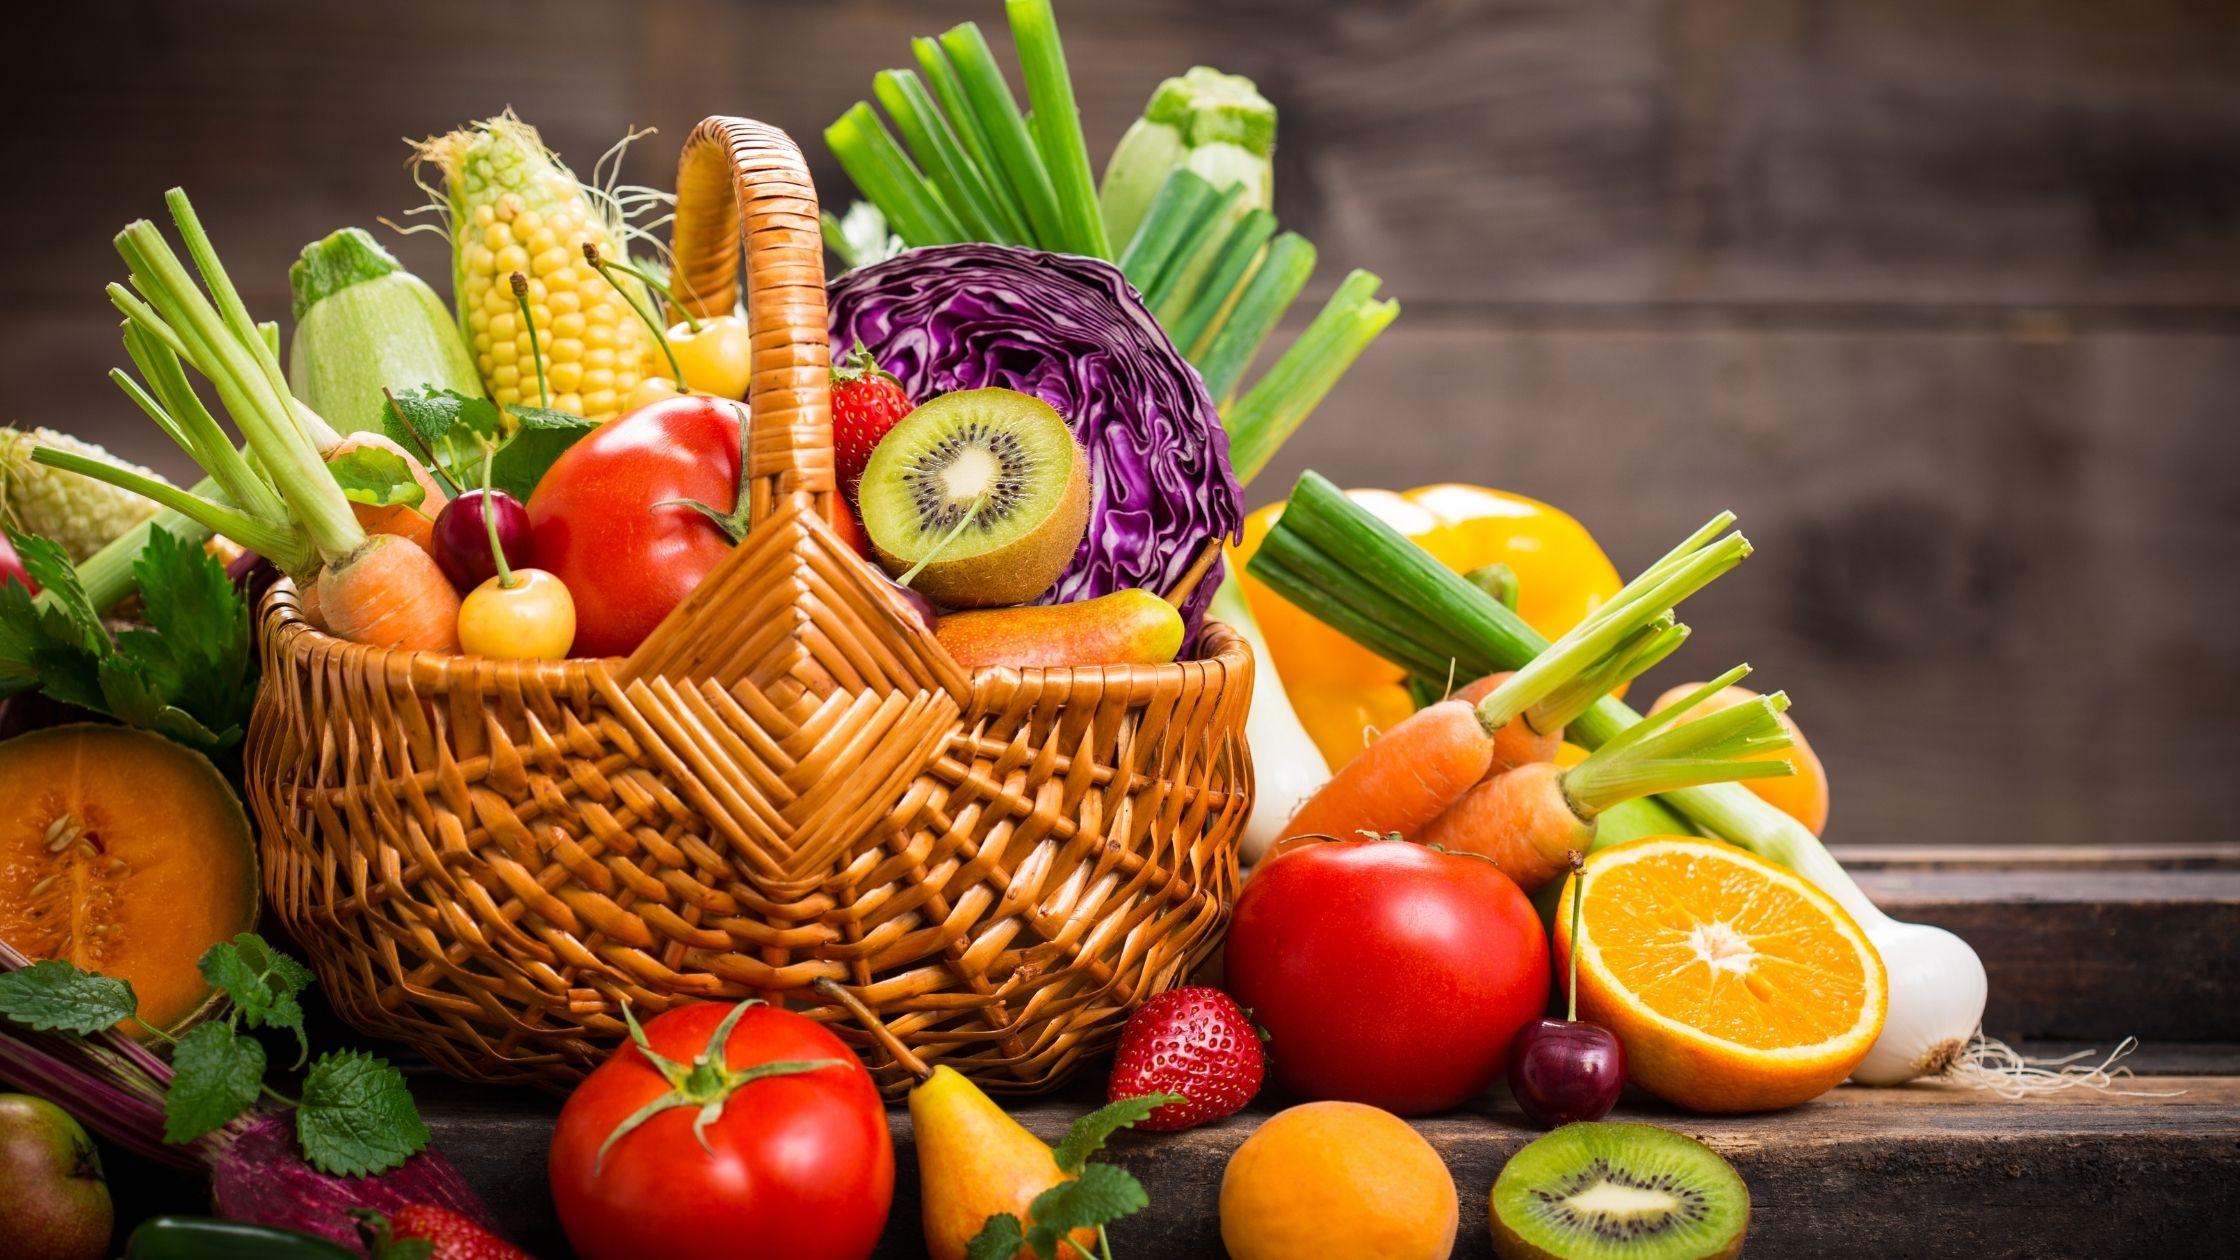 Obst und Gemüse - owoce i warzywa po niemiecku